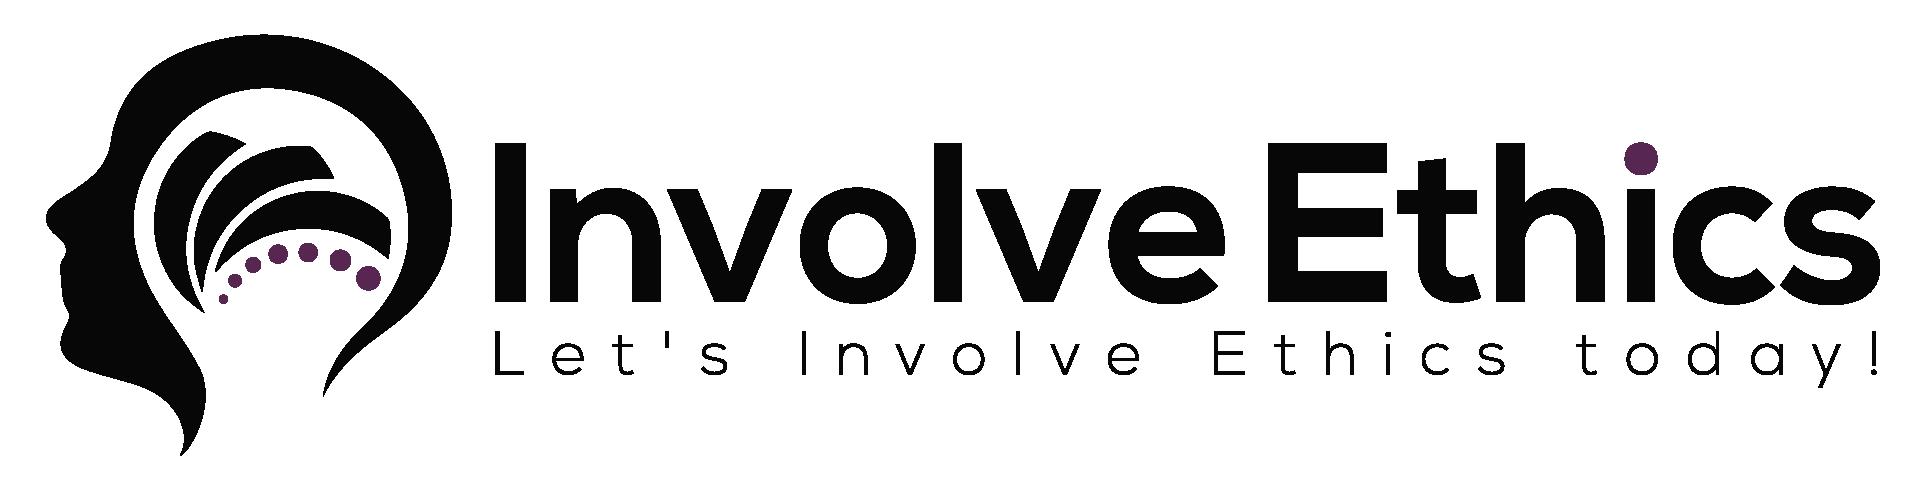 Involve Ethics